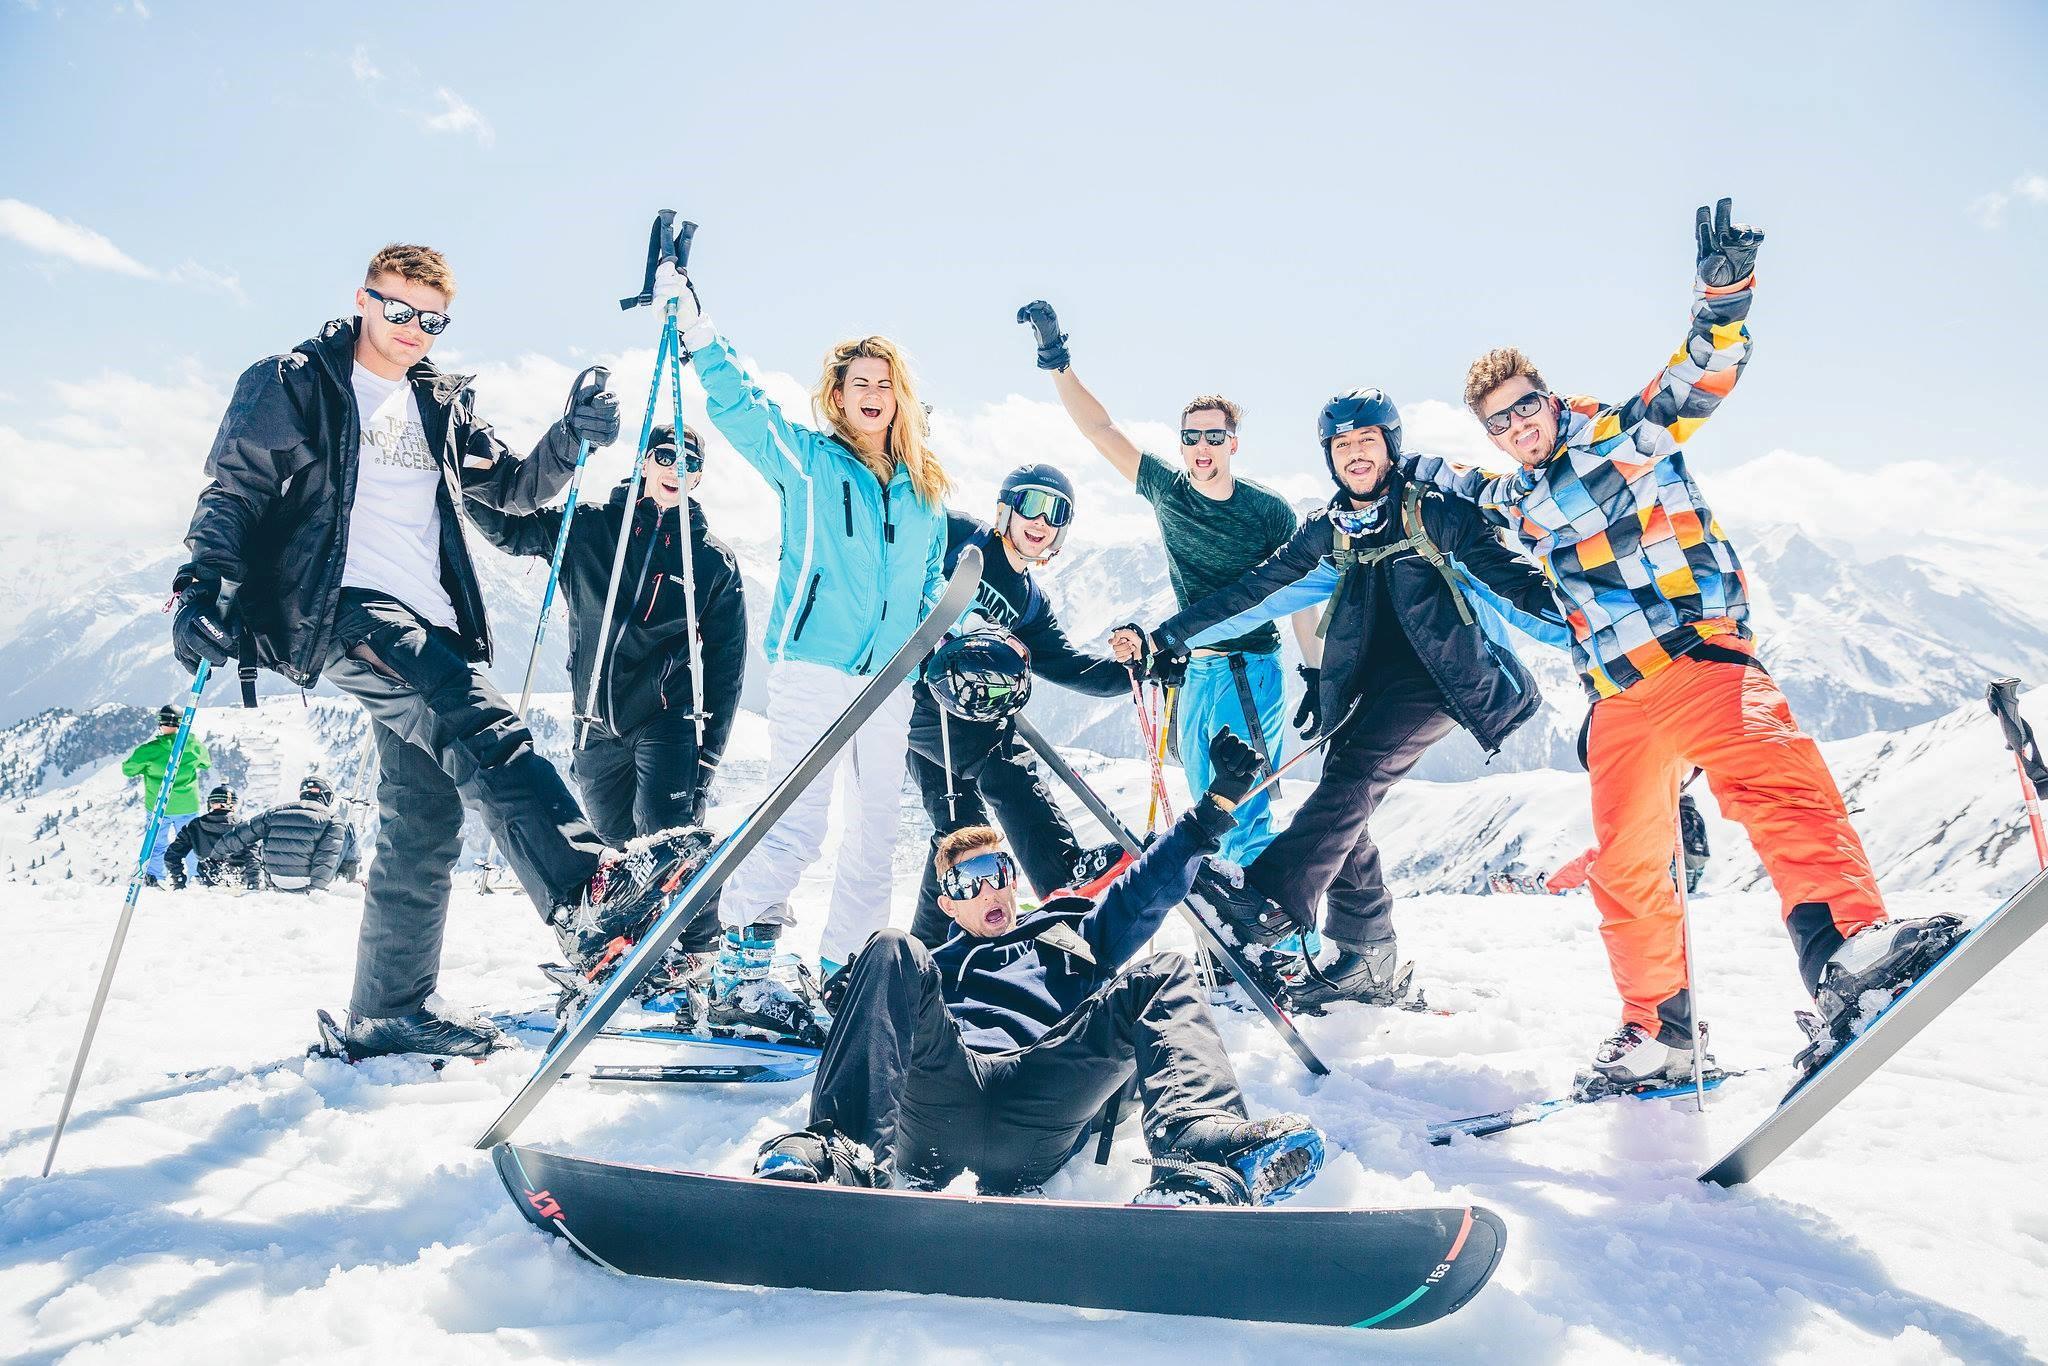 SKIEN EN SNOWBOARDEN#Scheuren met de wind in de haren op de pistes